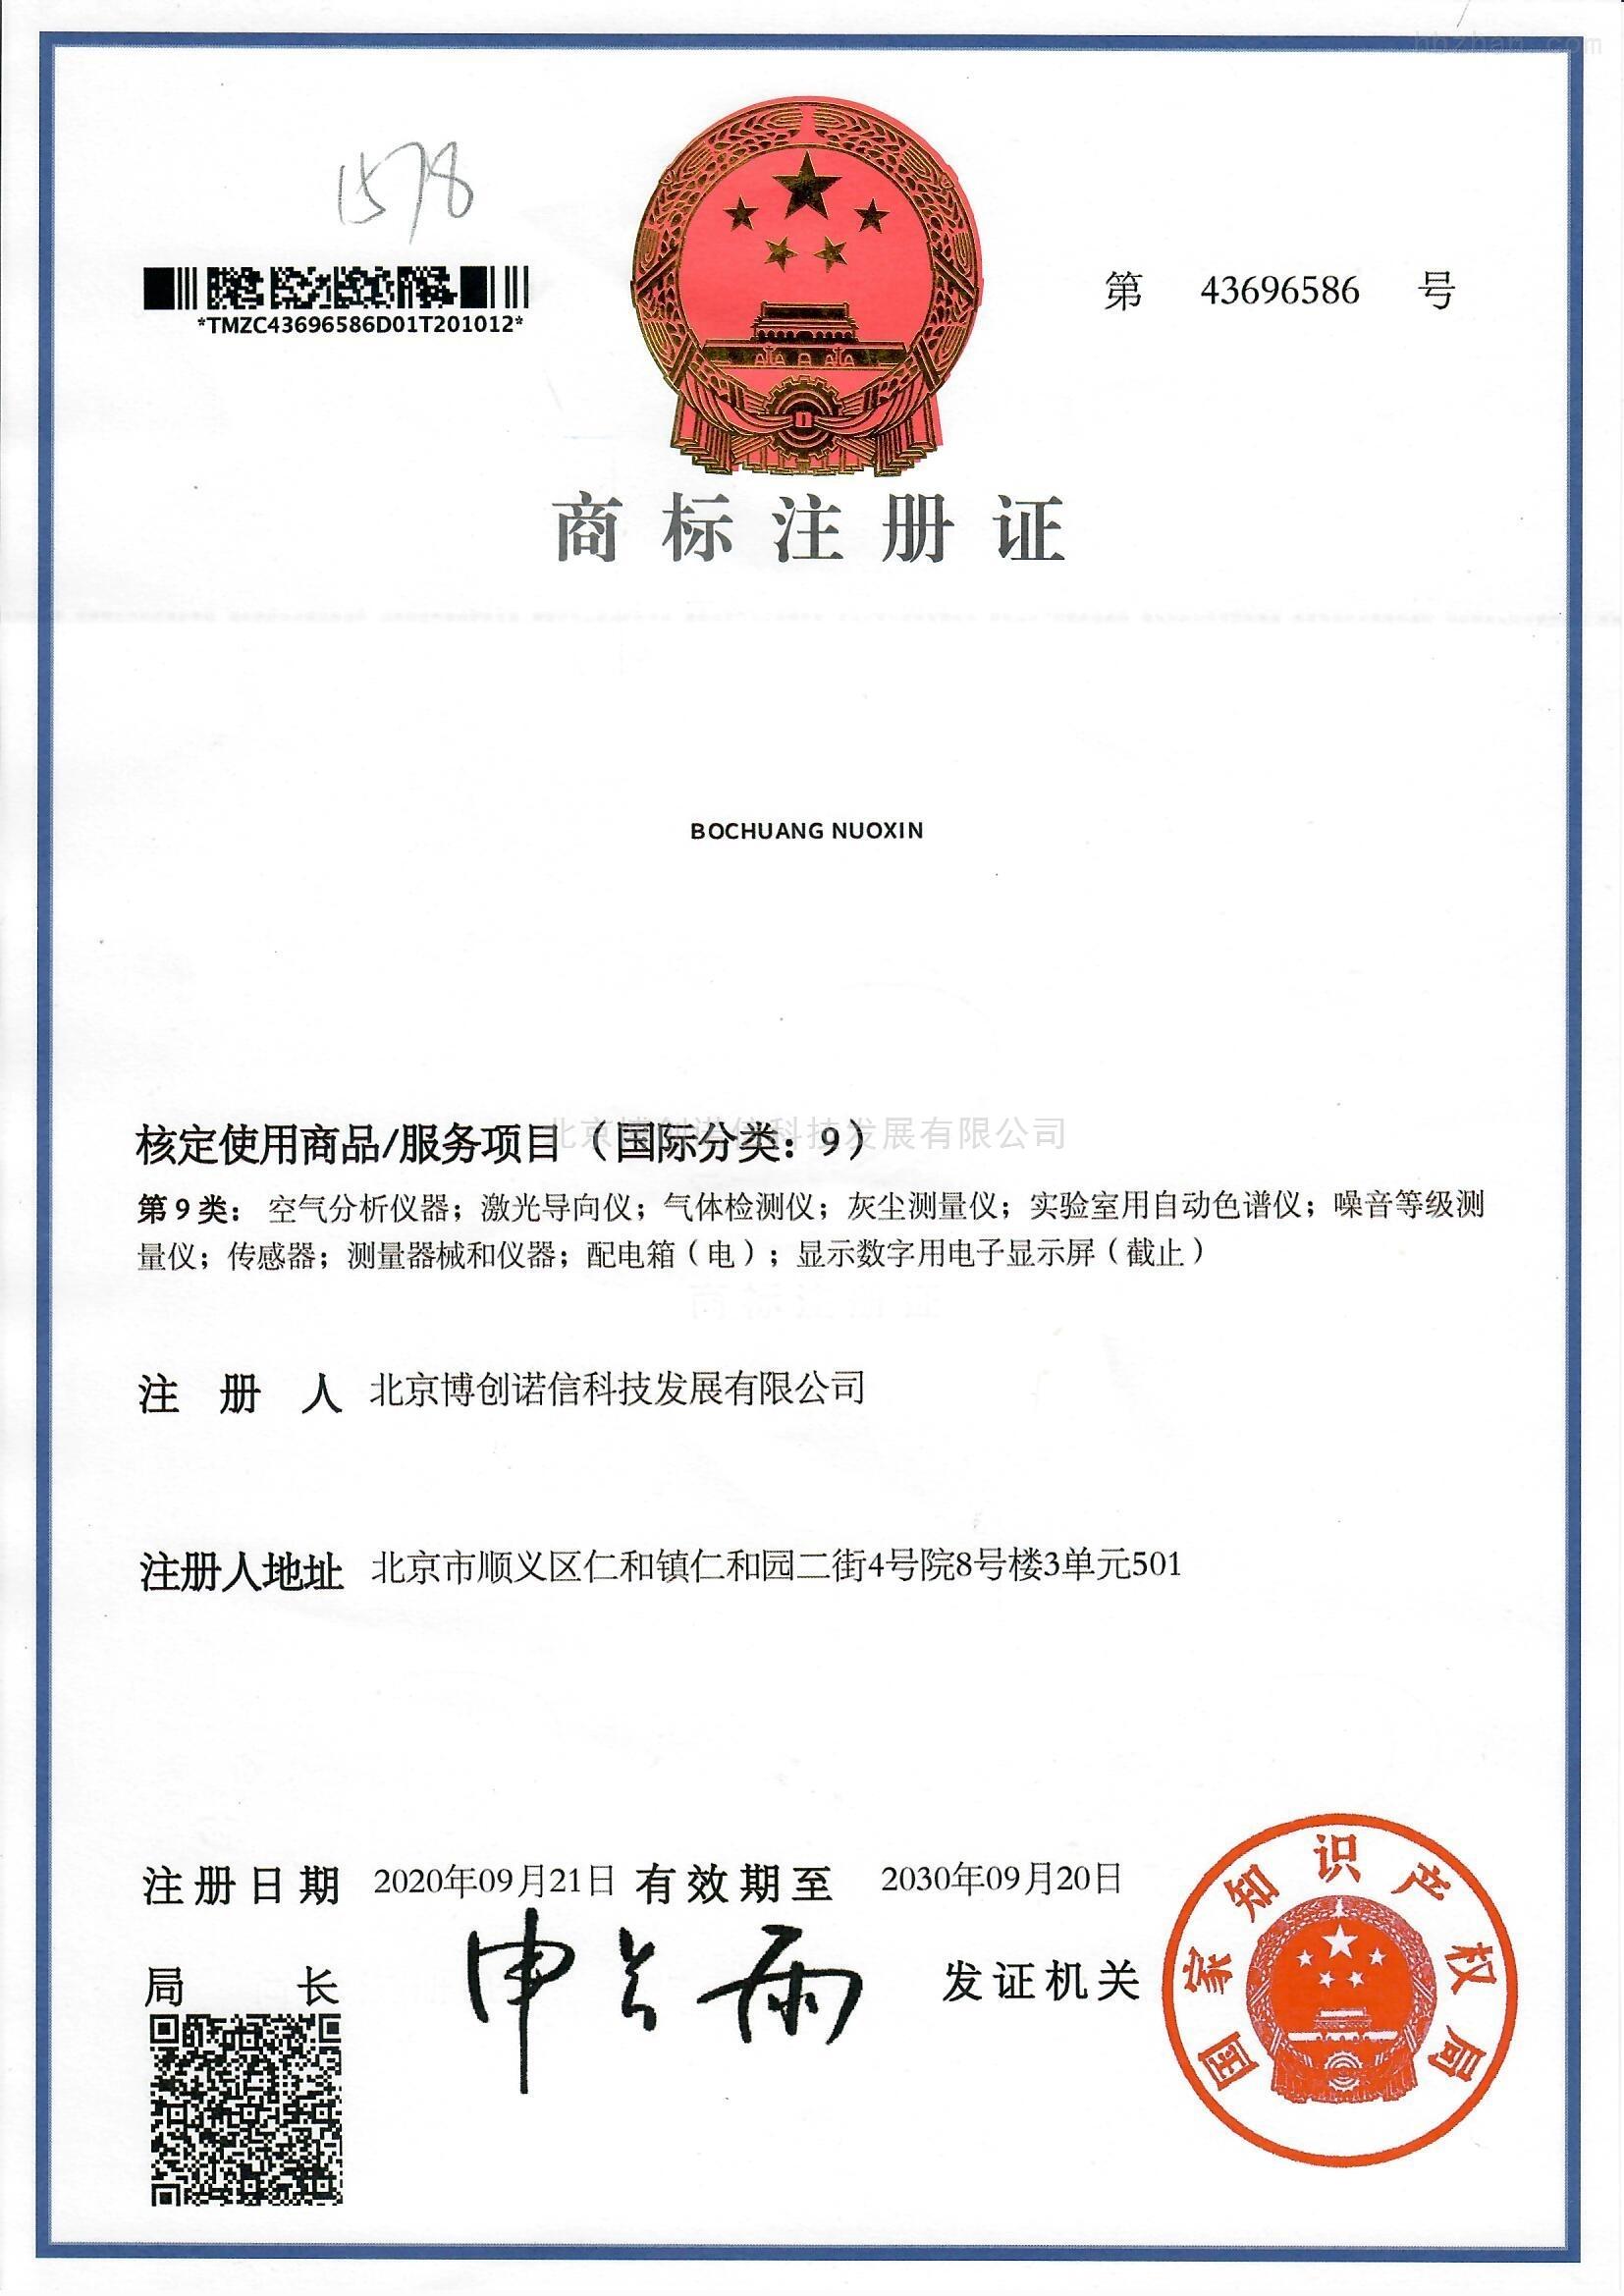 博创诺信商标注册证英文版